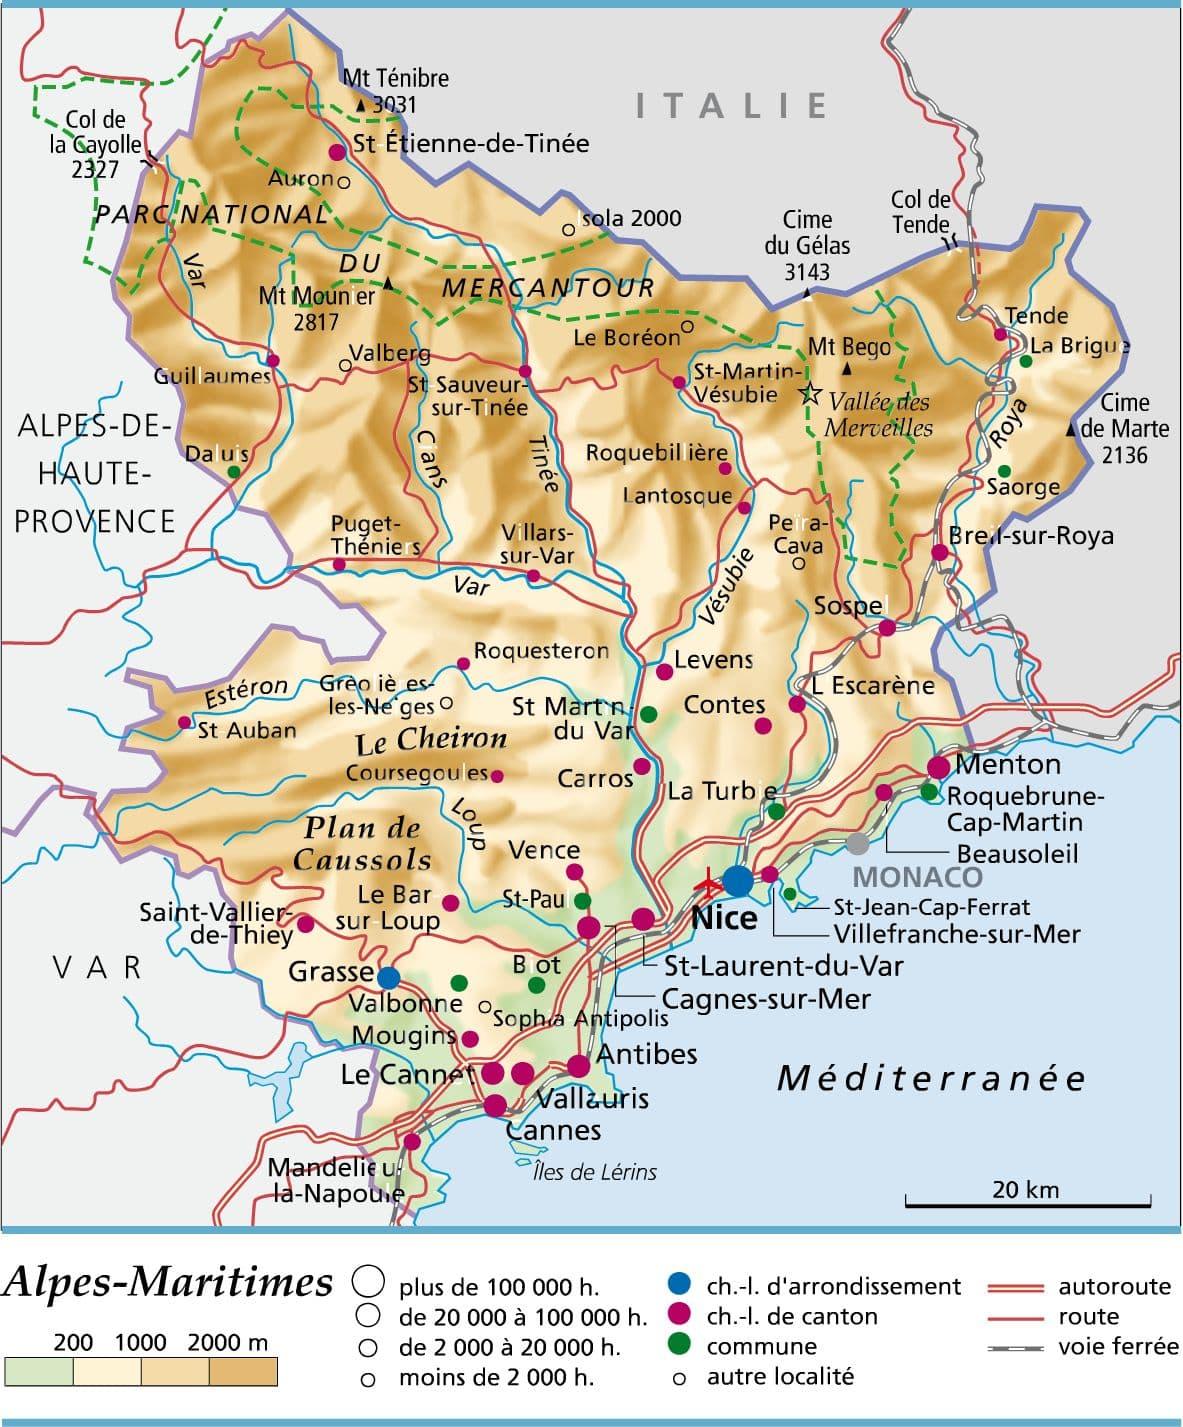 carte des alpes maritimes